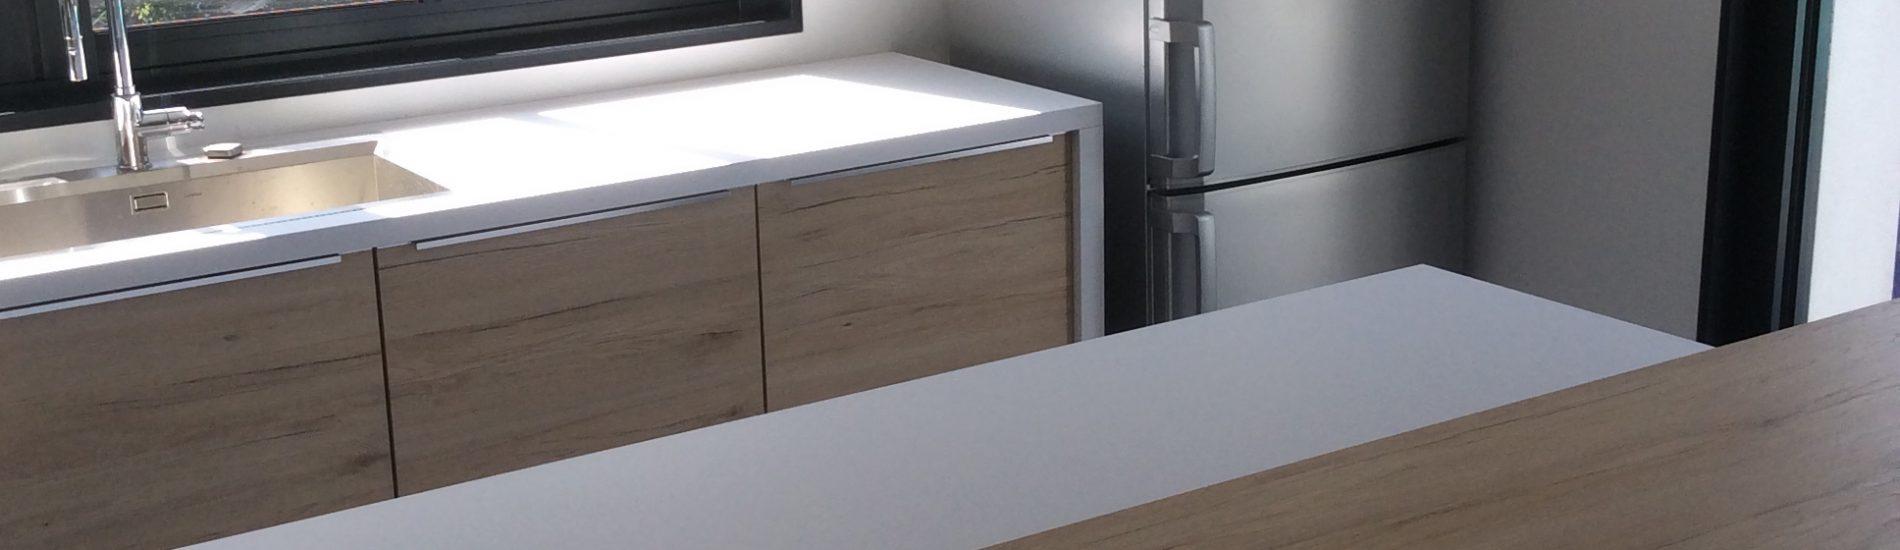 Entreprise nettoyage appartement, maison - Nettoyage industriel Wonder Cleaner1